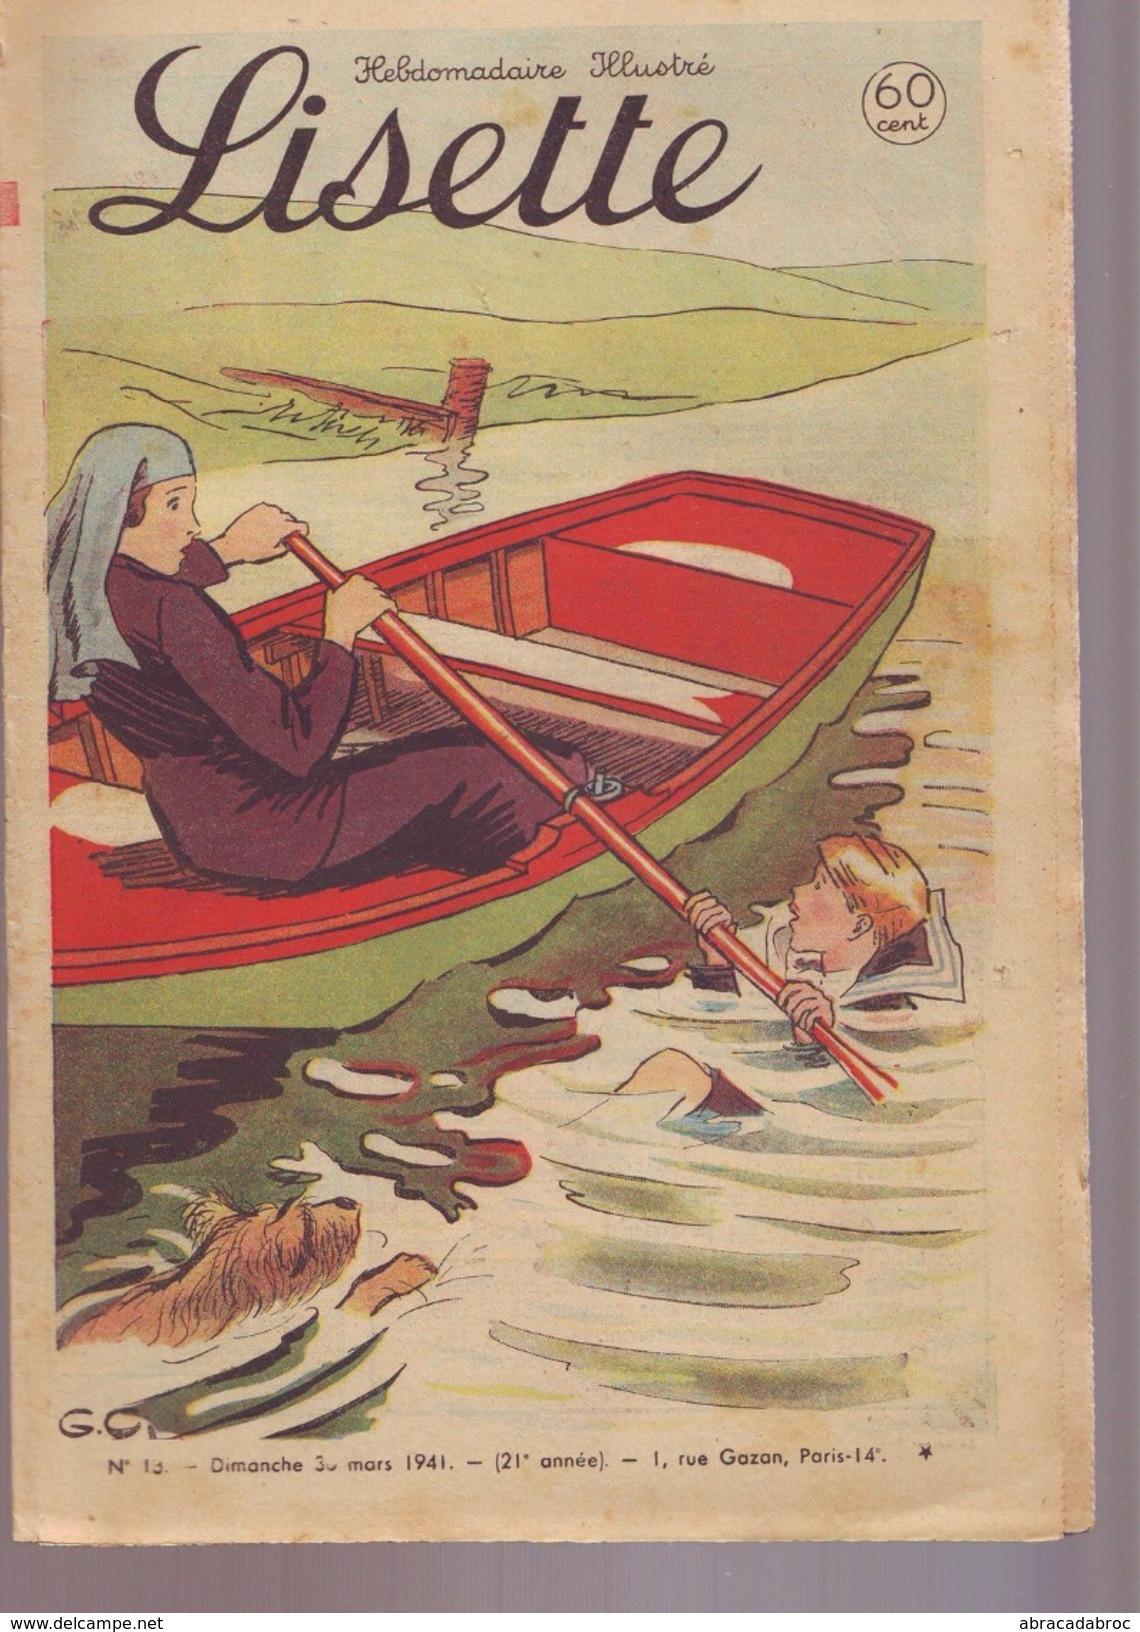 Lisette - Numero 13 - Mars 1941 - Magazines Et Périodiques